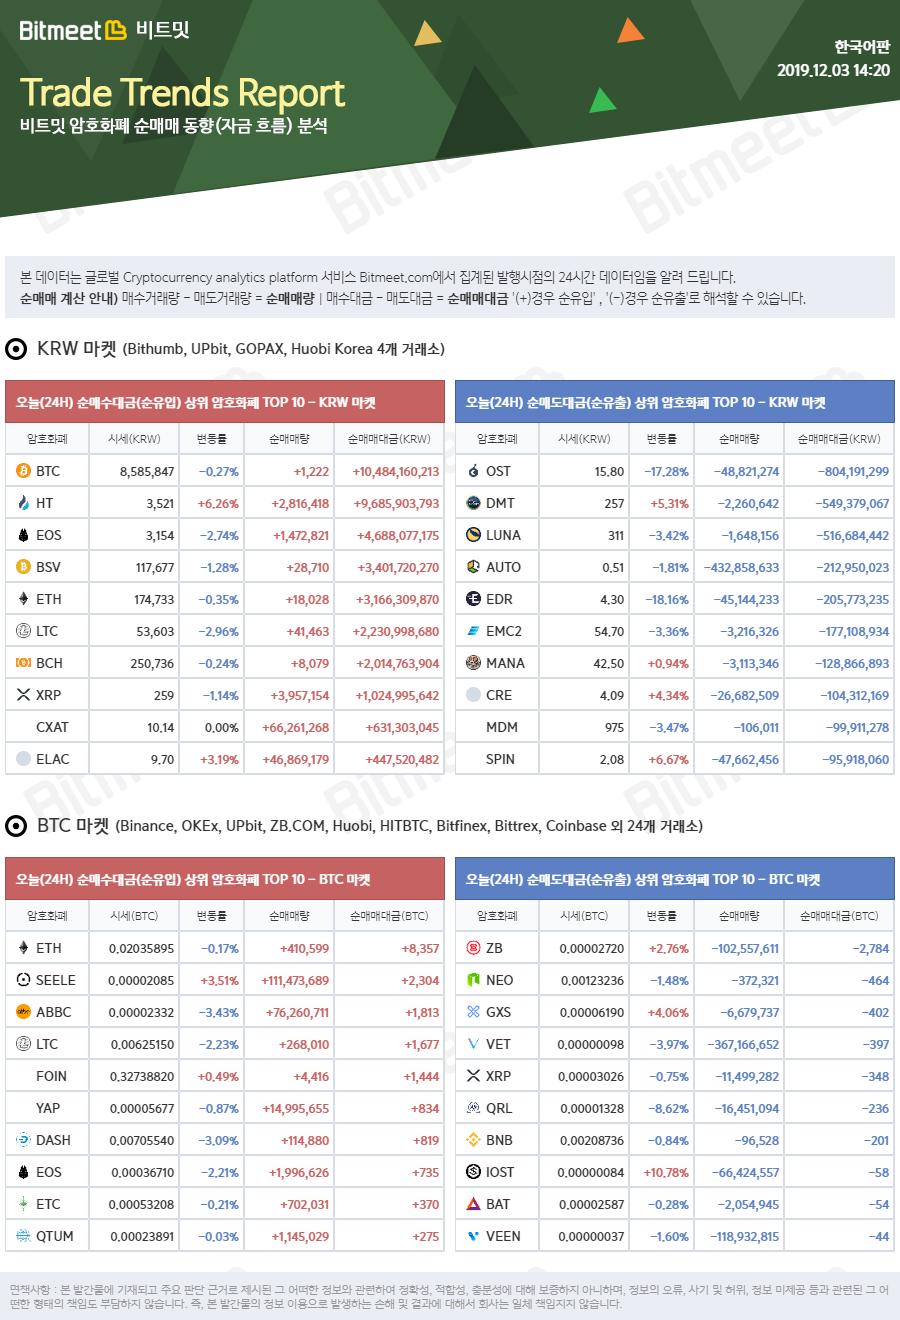 bitmeet_trends_report_2019-12-03_02_20_03.png